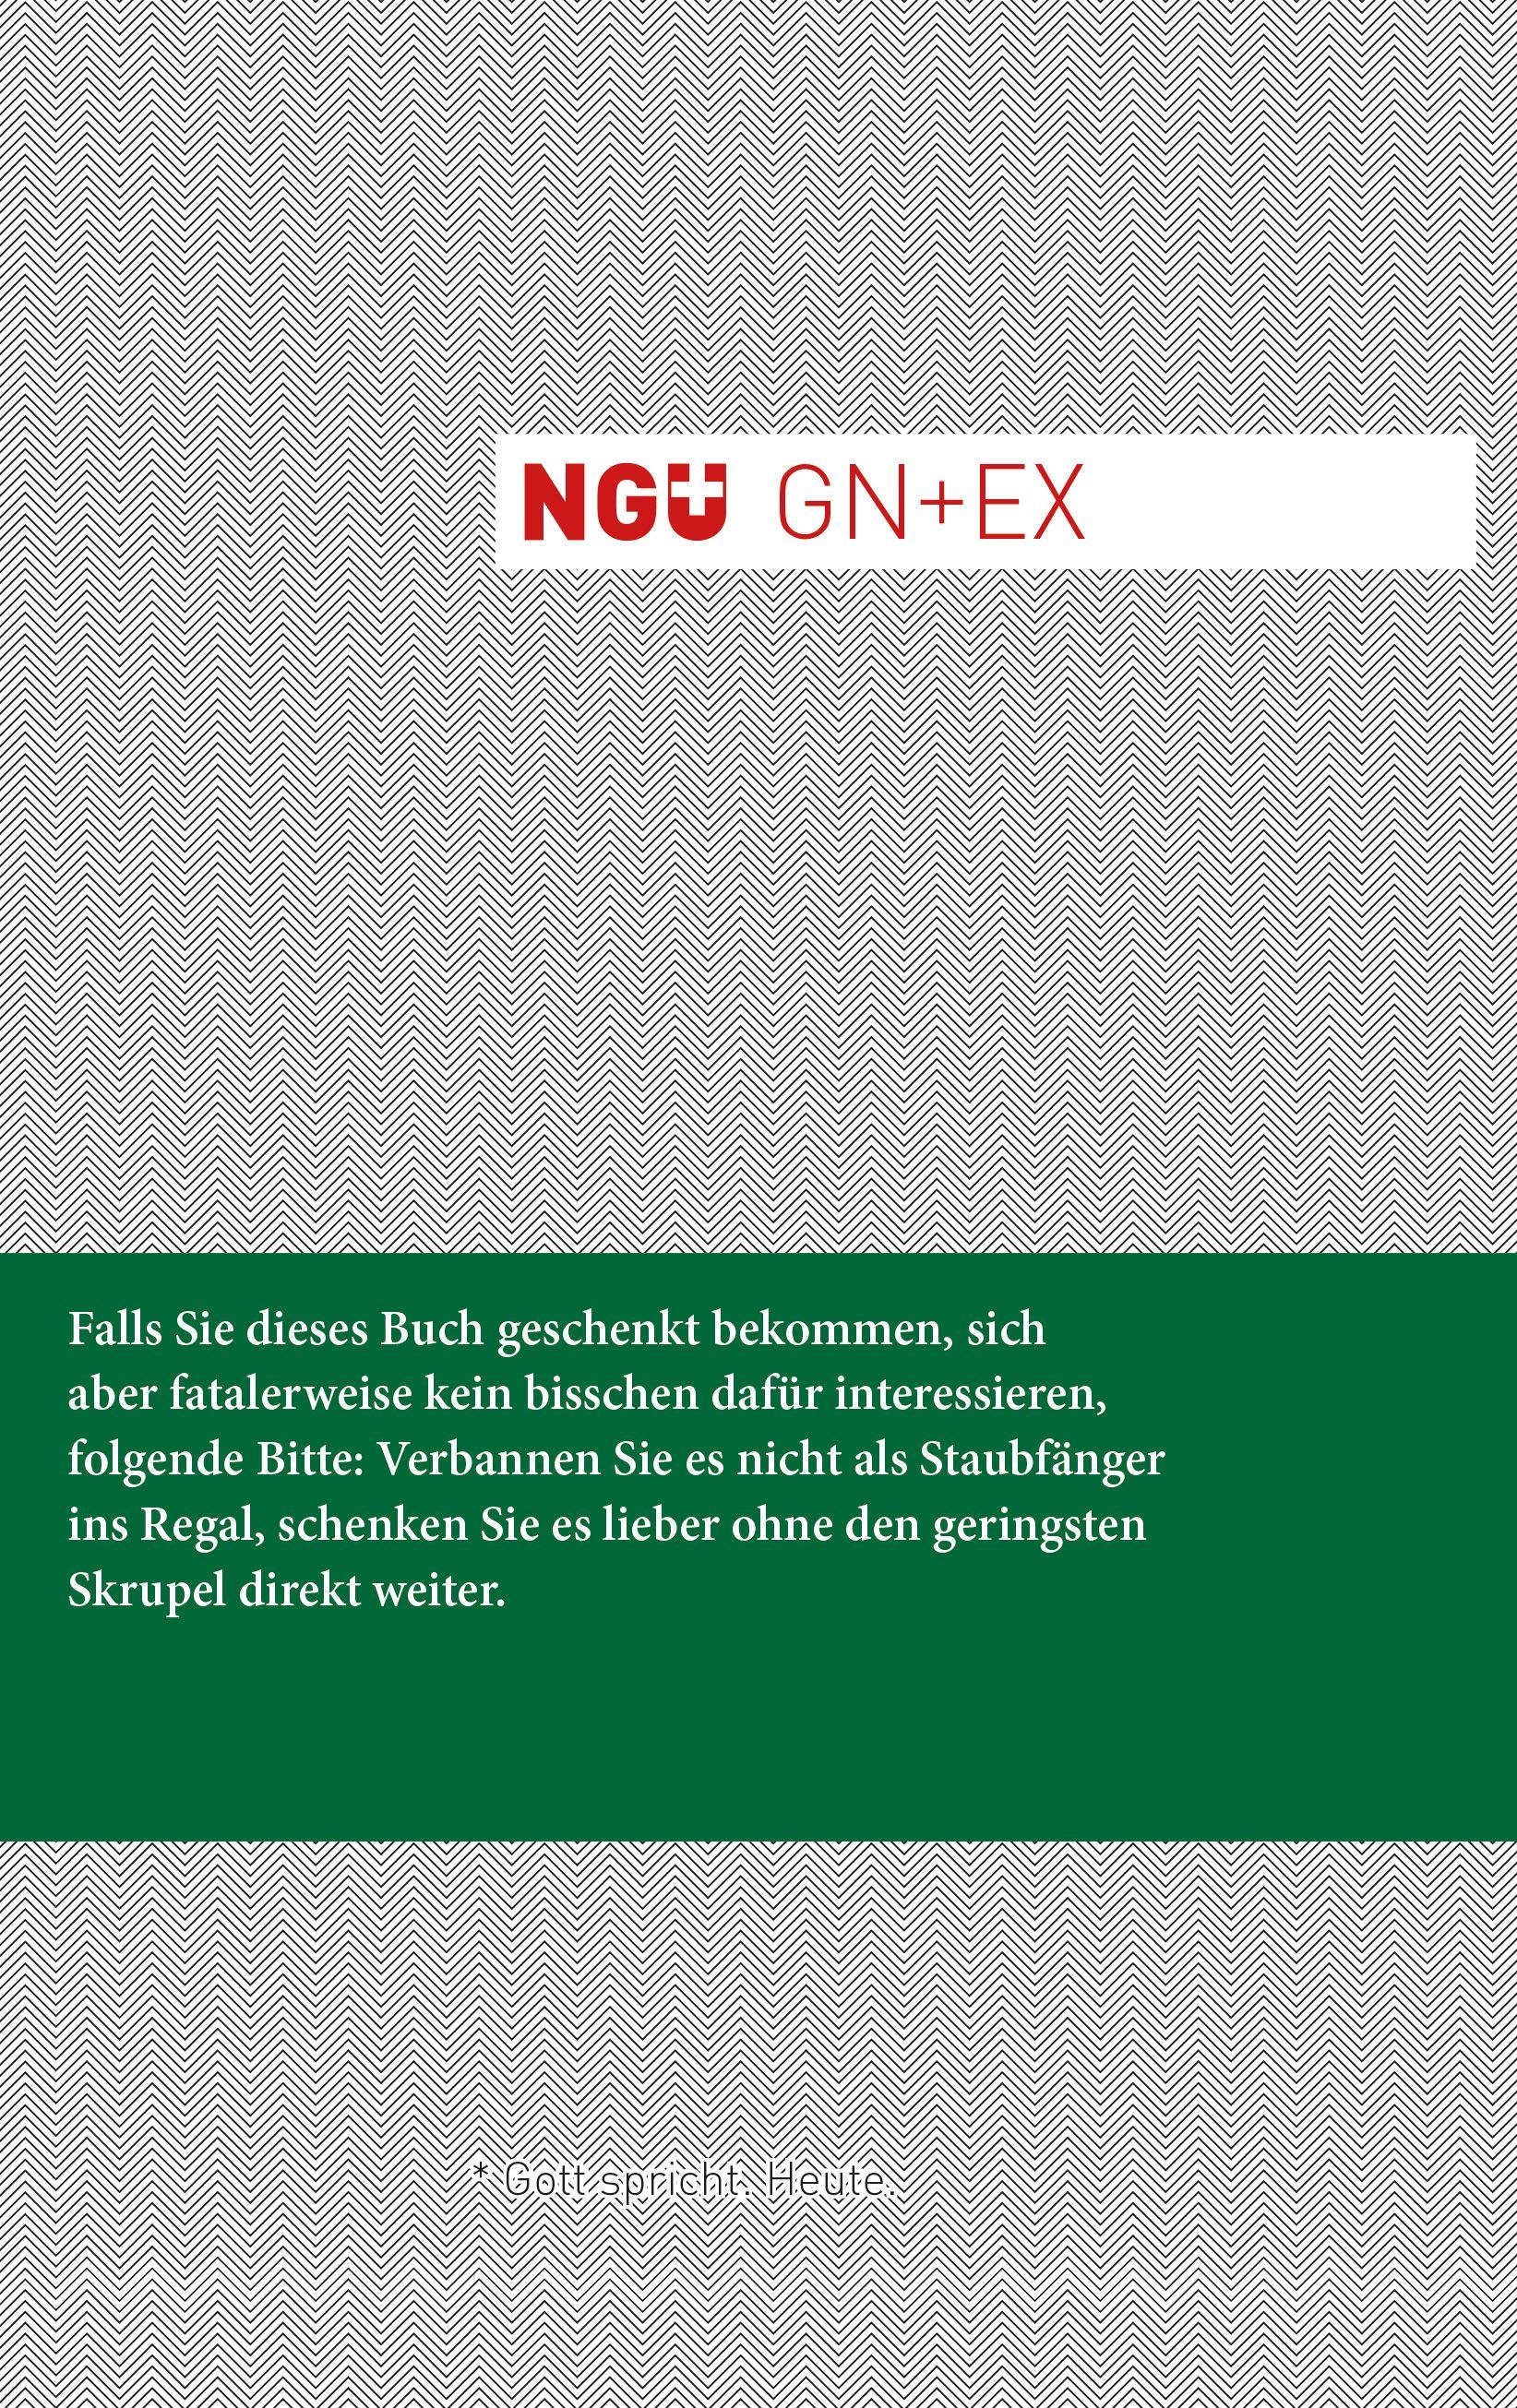 Neue Genfer Übersetzung - Genesis und Exodus